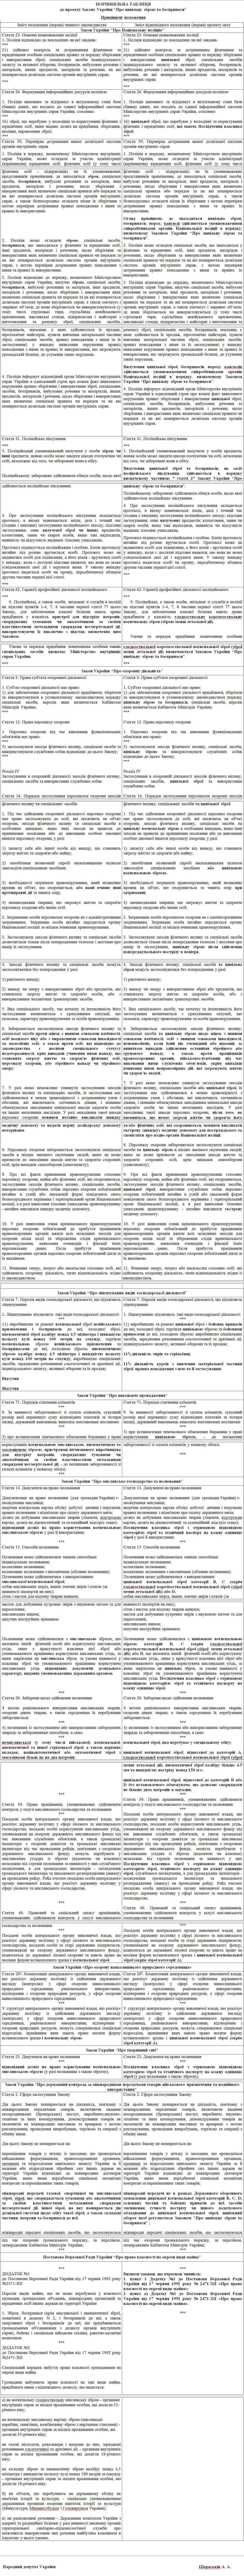 """Порівняльна таблиця до проекту Закону України """"Про цивільну зброю та боєприпаси"""""""